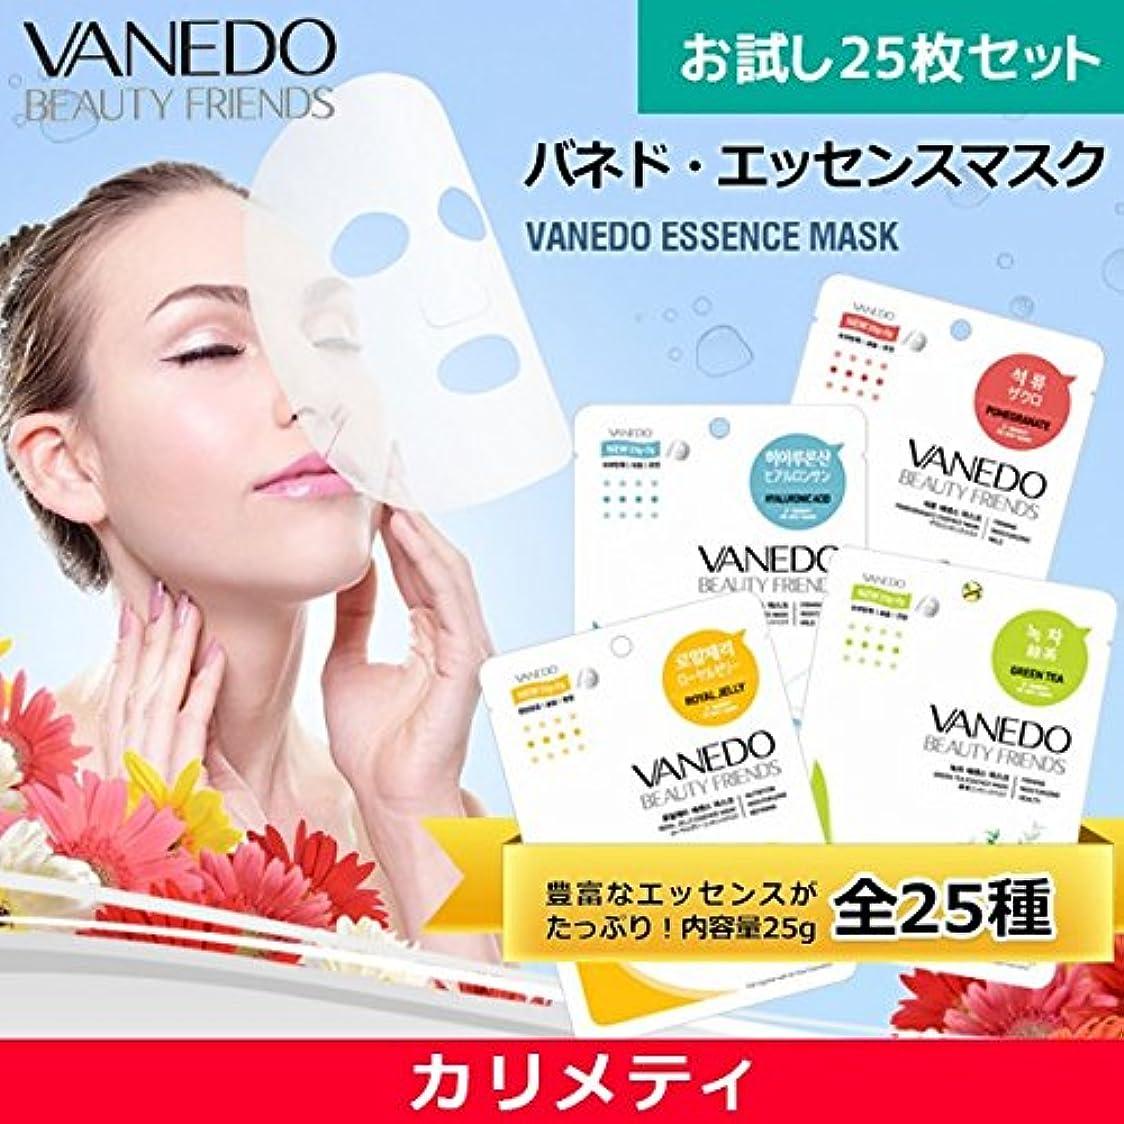 事業内容将来のパターン【VANEDO】バネド全種 25枚 お試しセット/シートマスク/マスクパック/フェイスマスク [メール便]